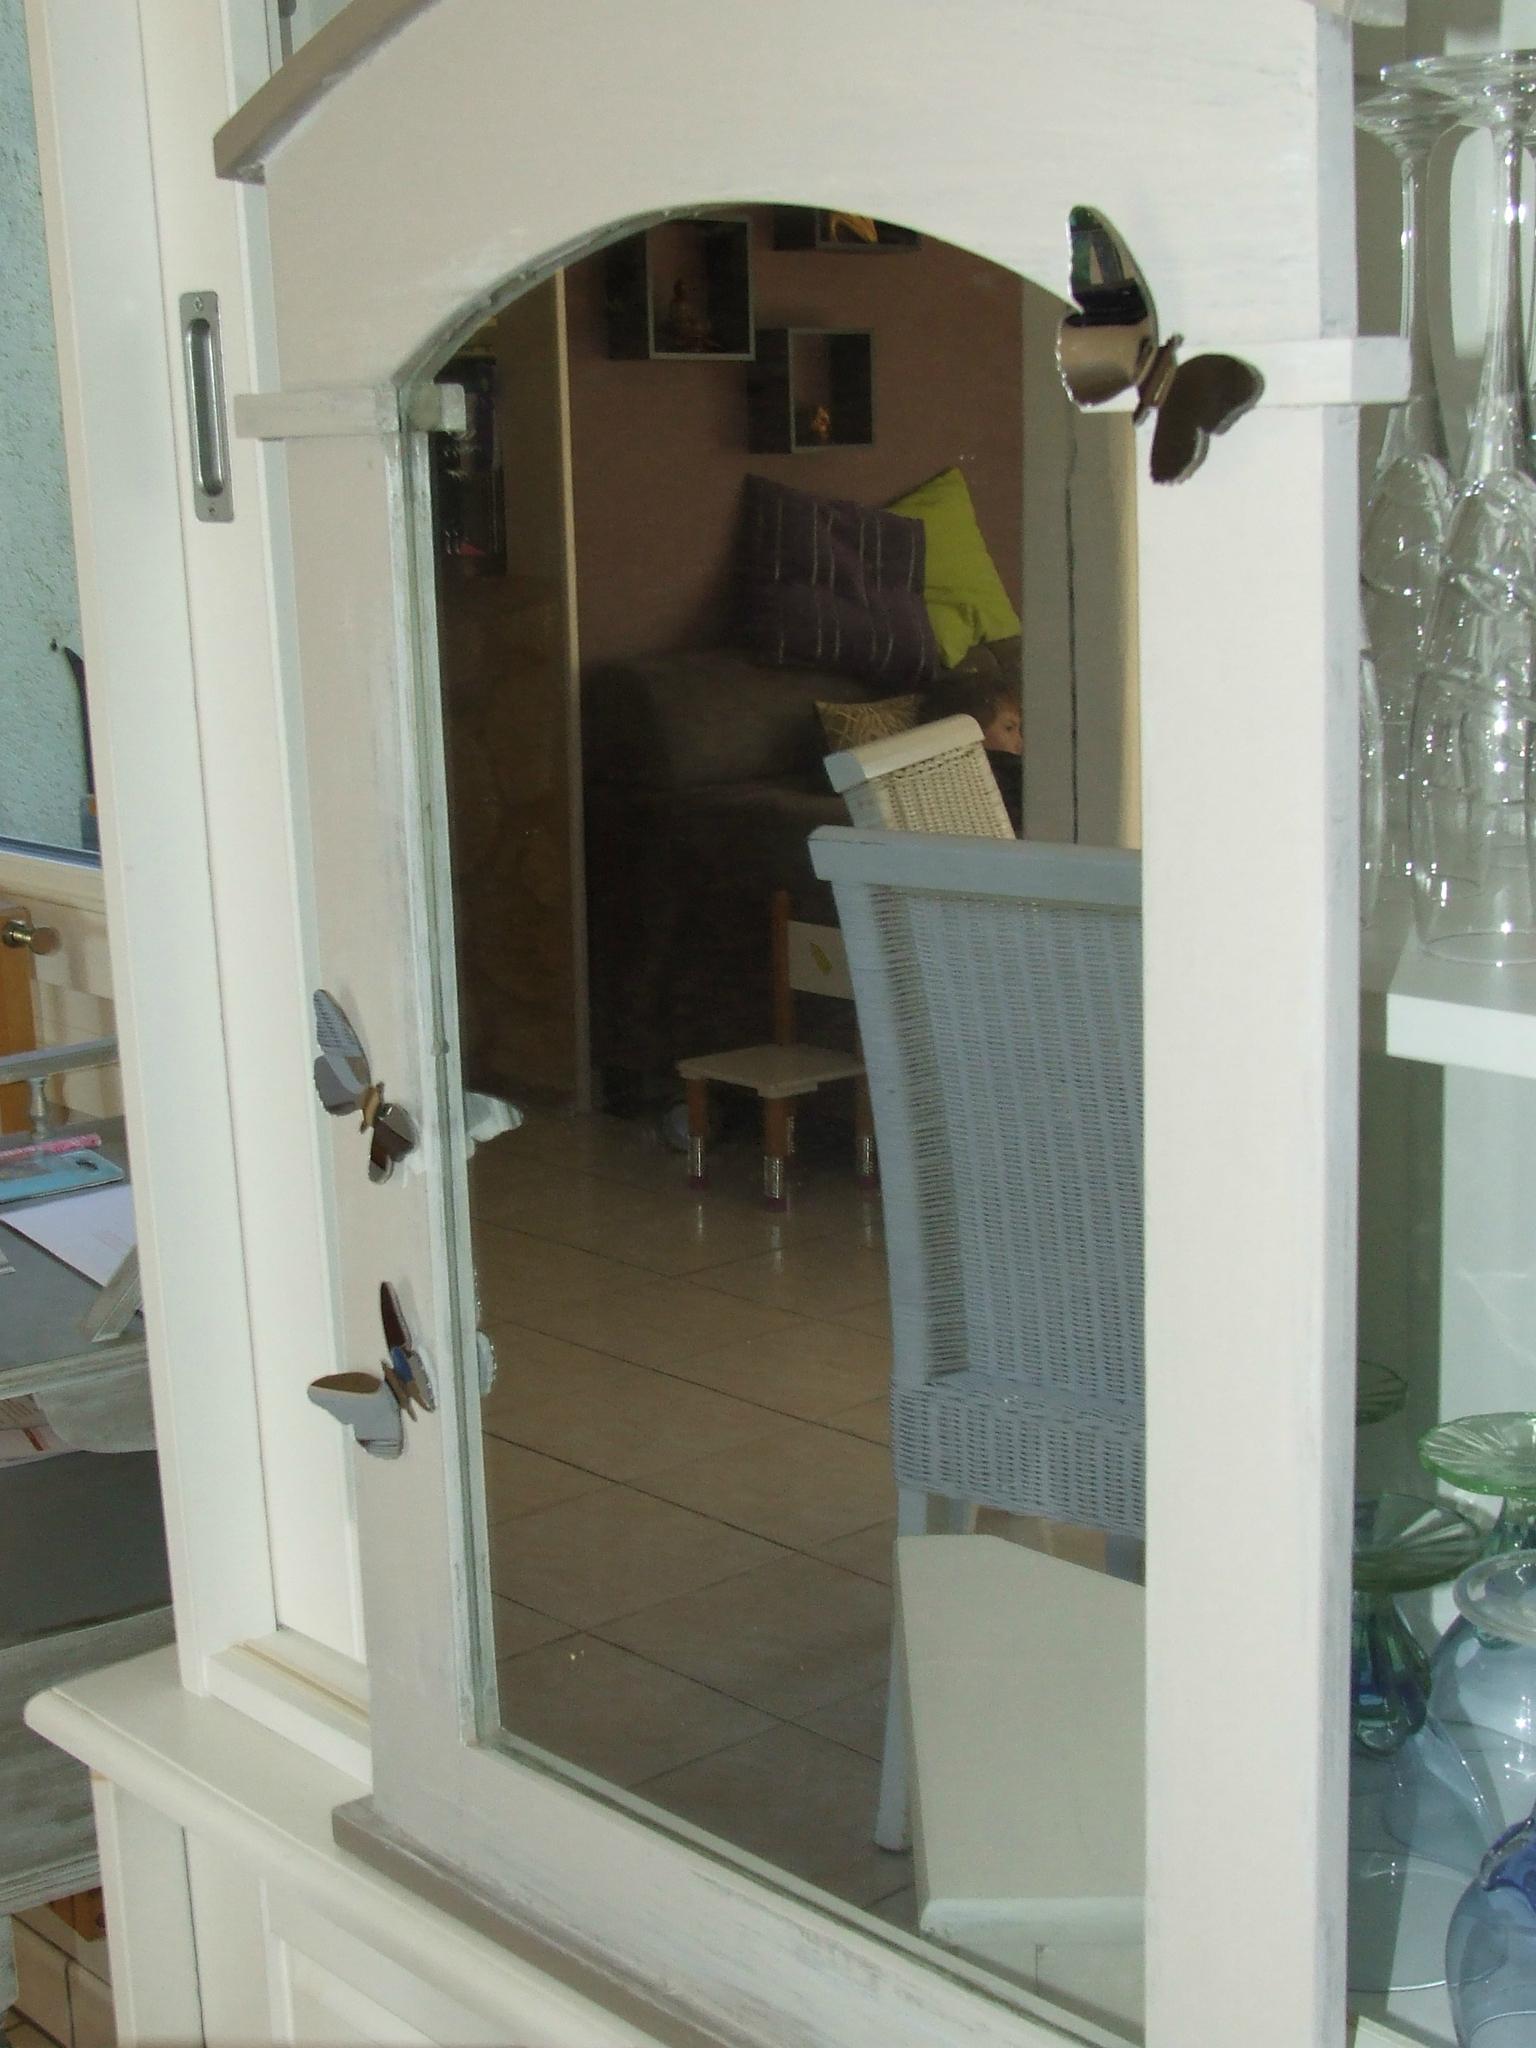 Meuble d'angle et son miroir, un duo so chic pour décorer son entrée!